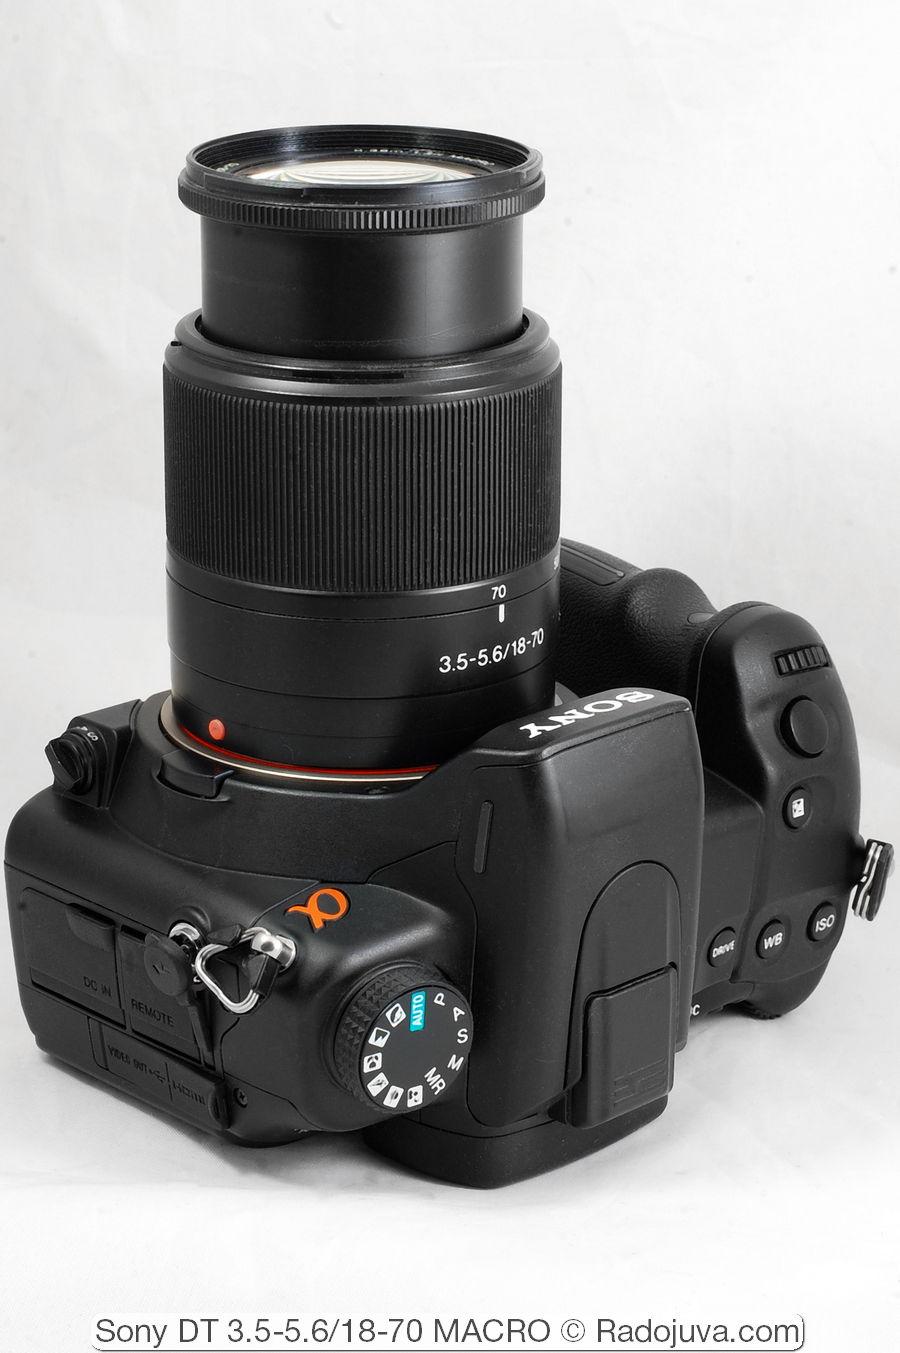 Sony DT 3.5-5.6/18-70 MACRO